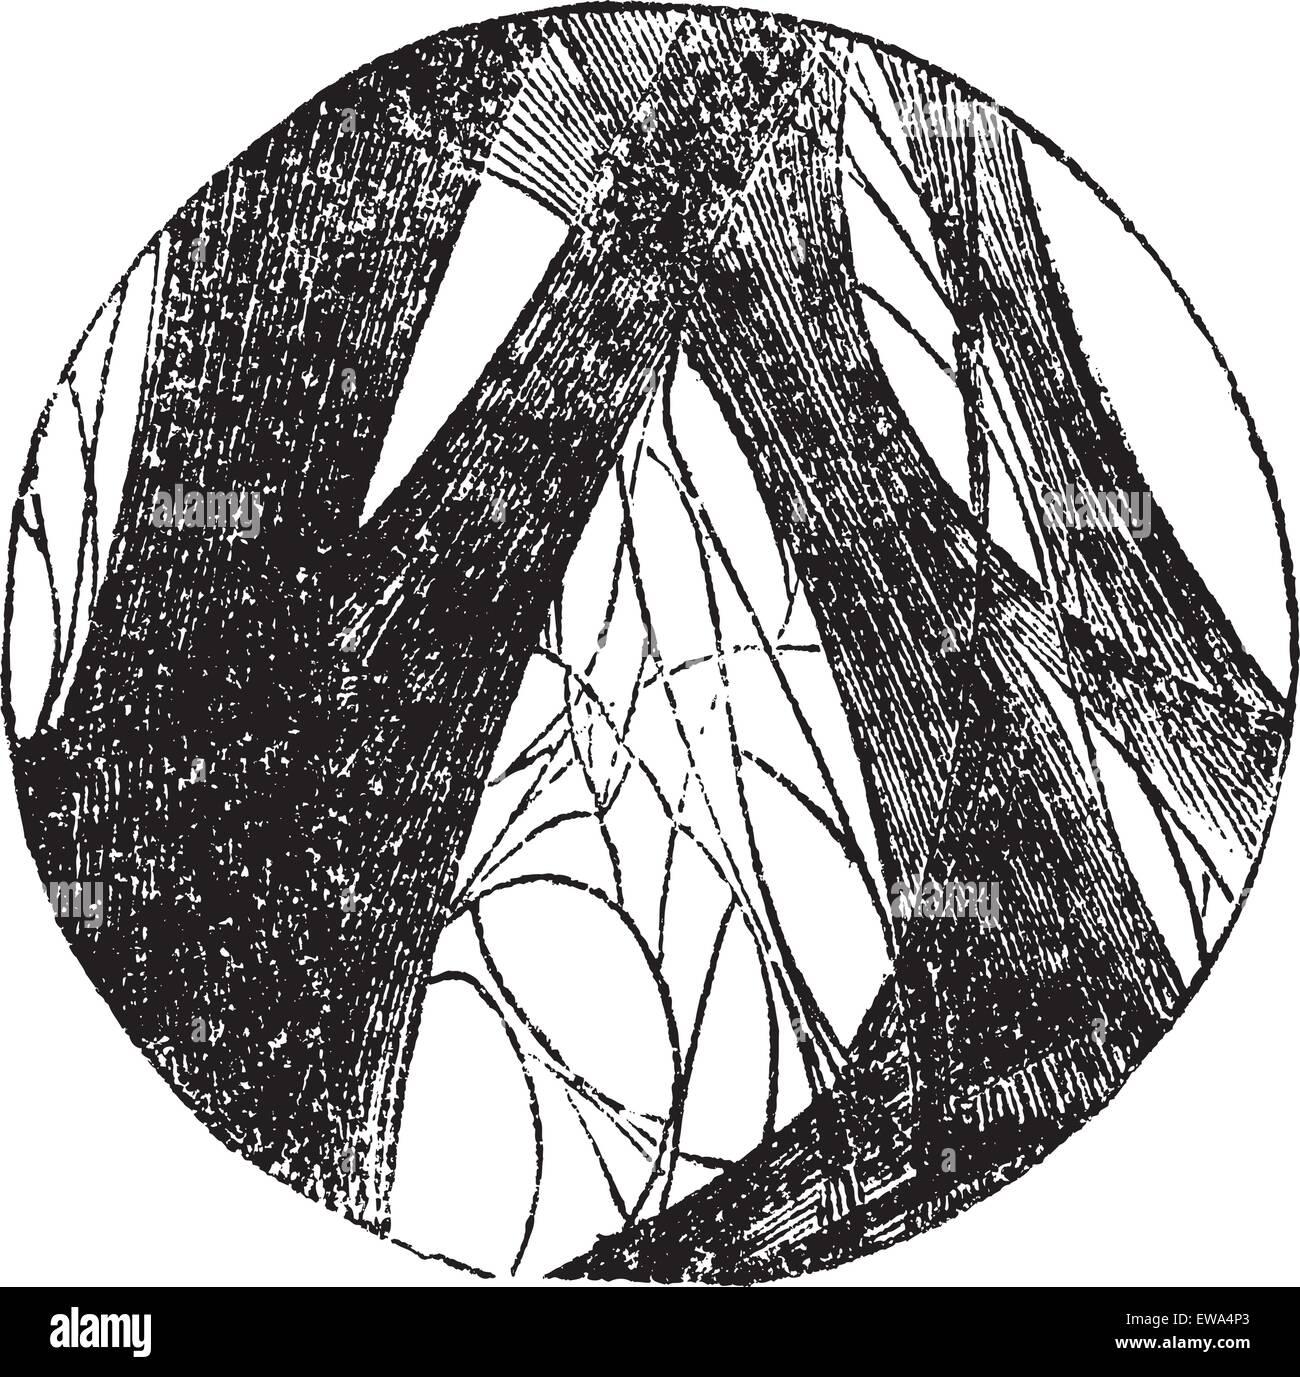 Coagulated fibrin, vintage engraving. Old engraved illustration of Coagulated fibrin. - Stock Vector